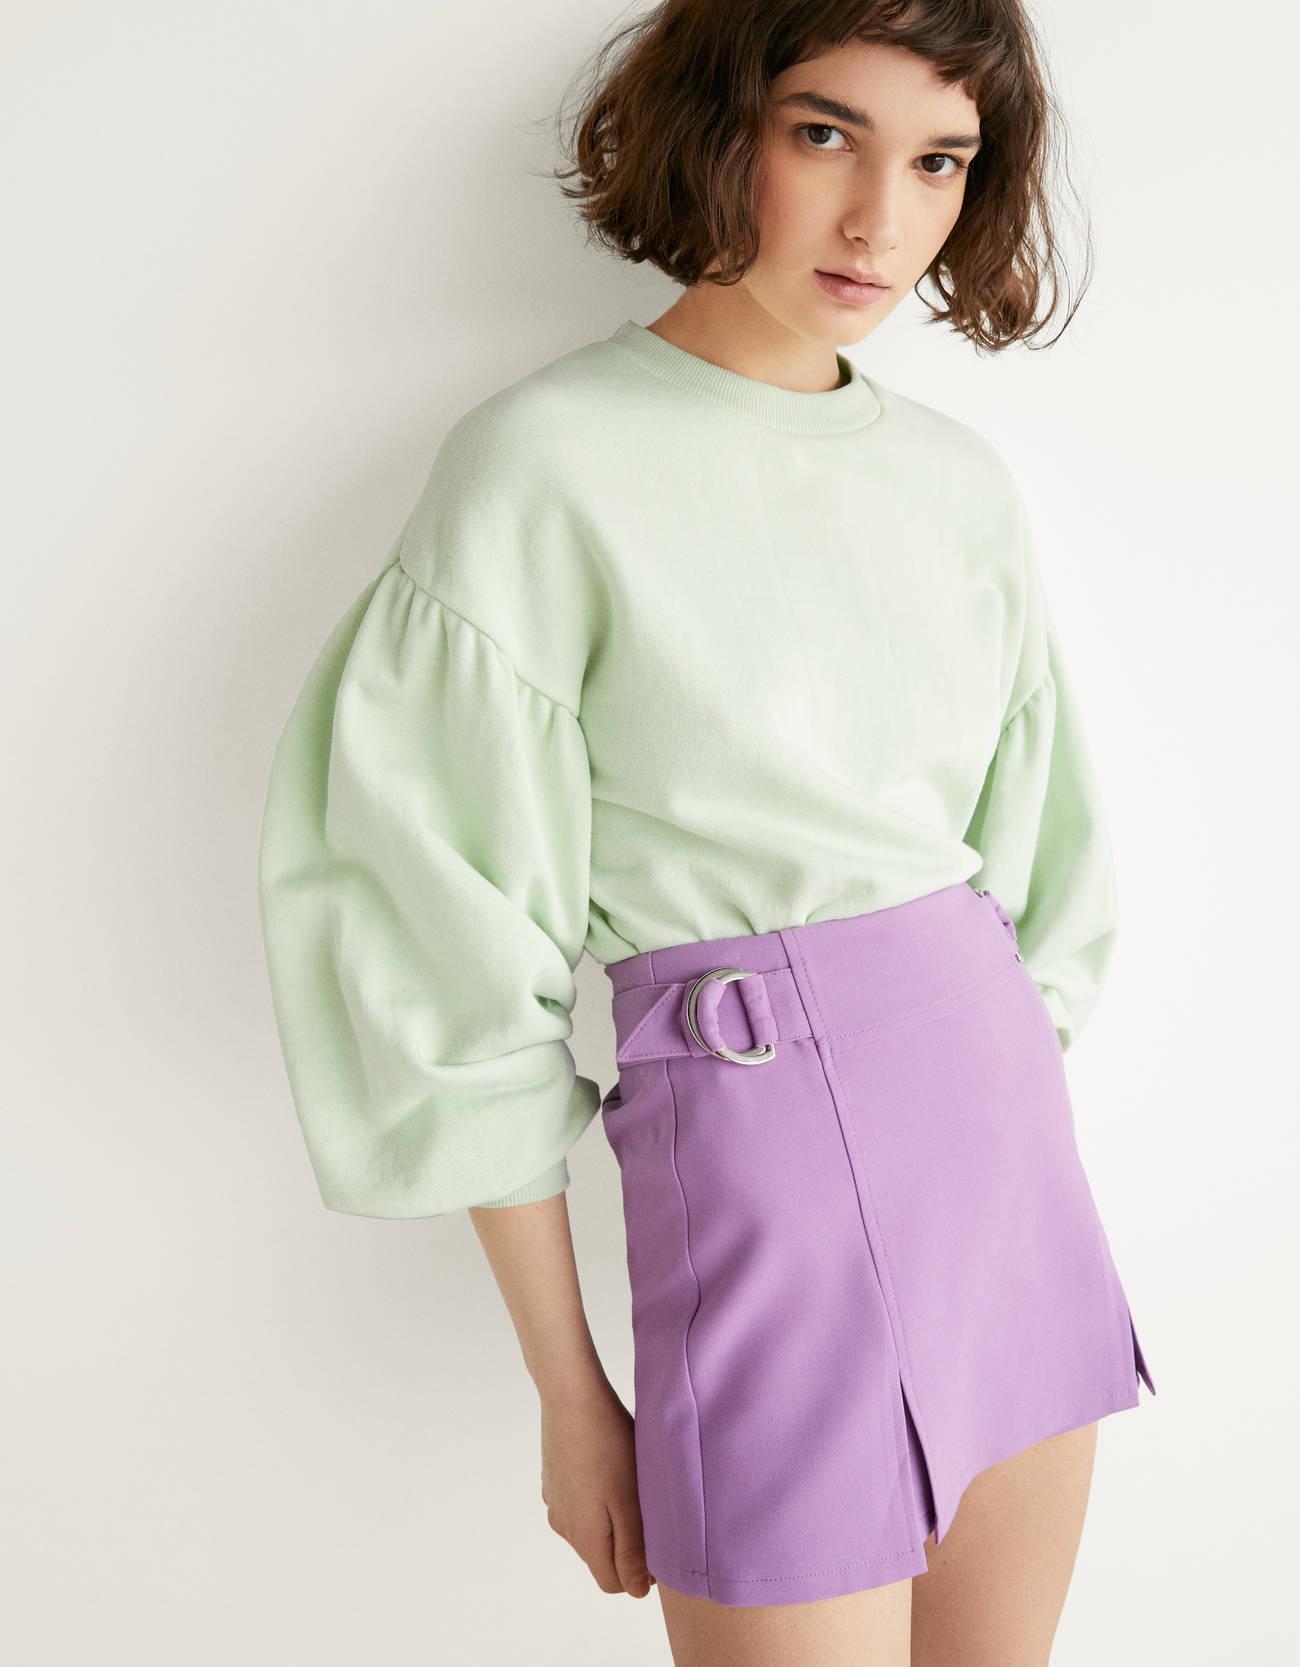 Юбка-шорты с деталями в виде колец D-образной формы Фиолетовый Bershka